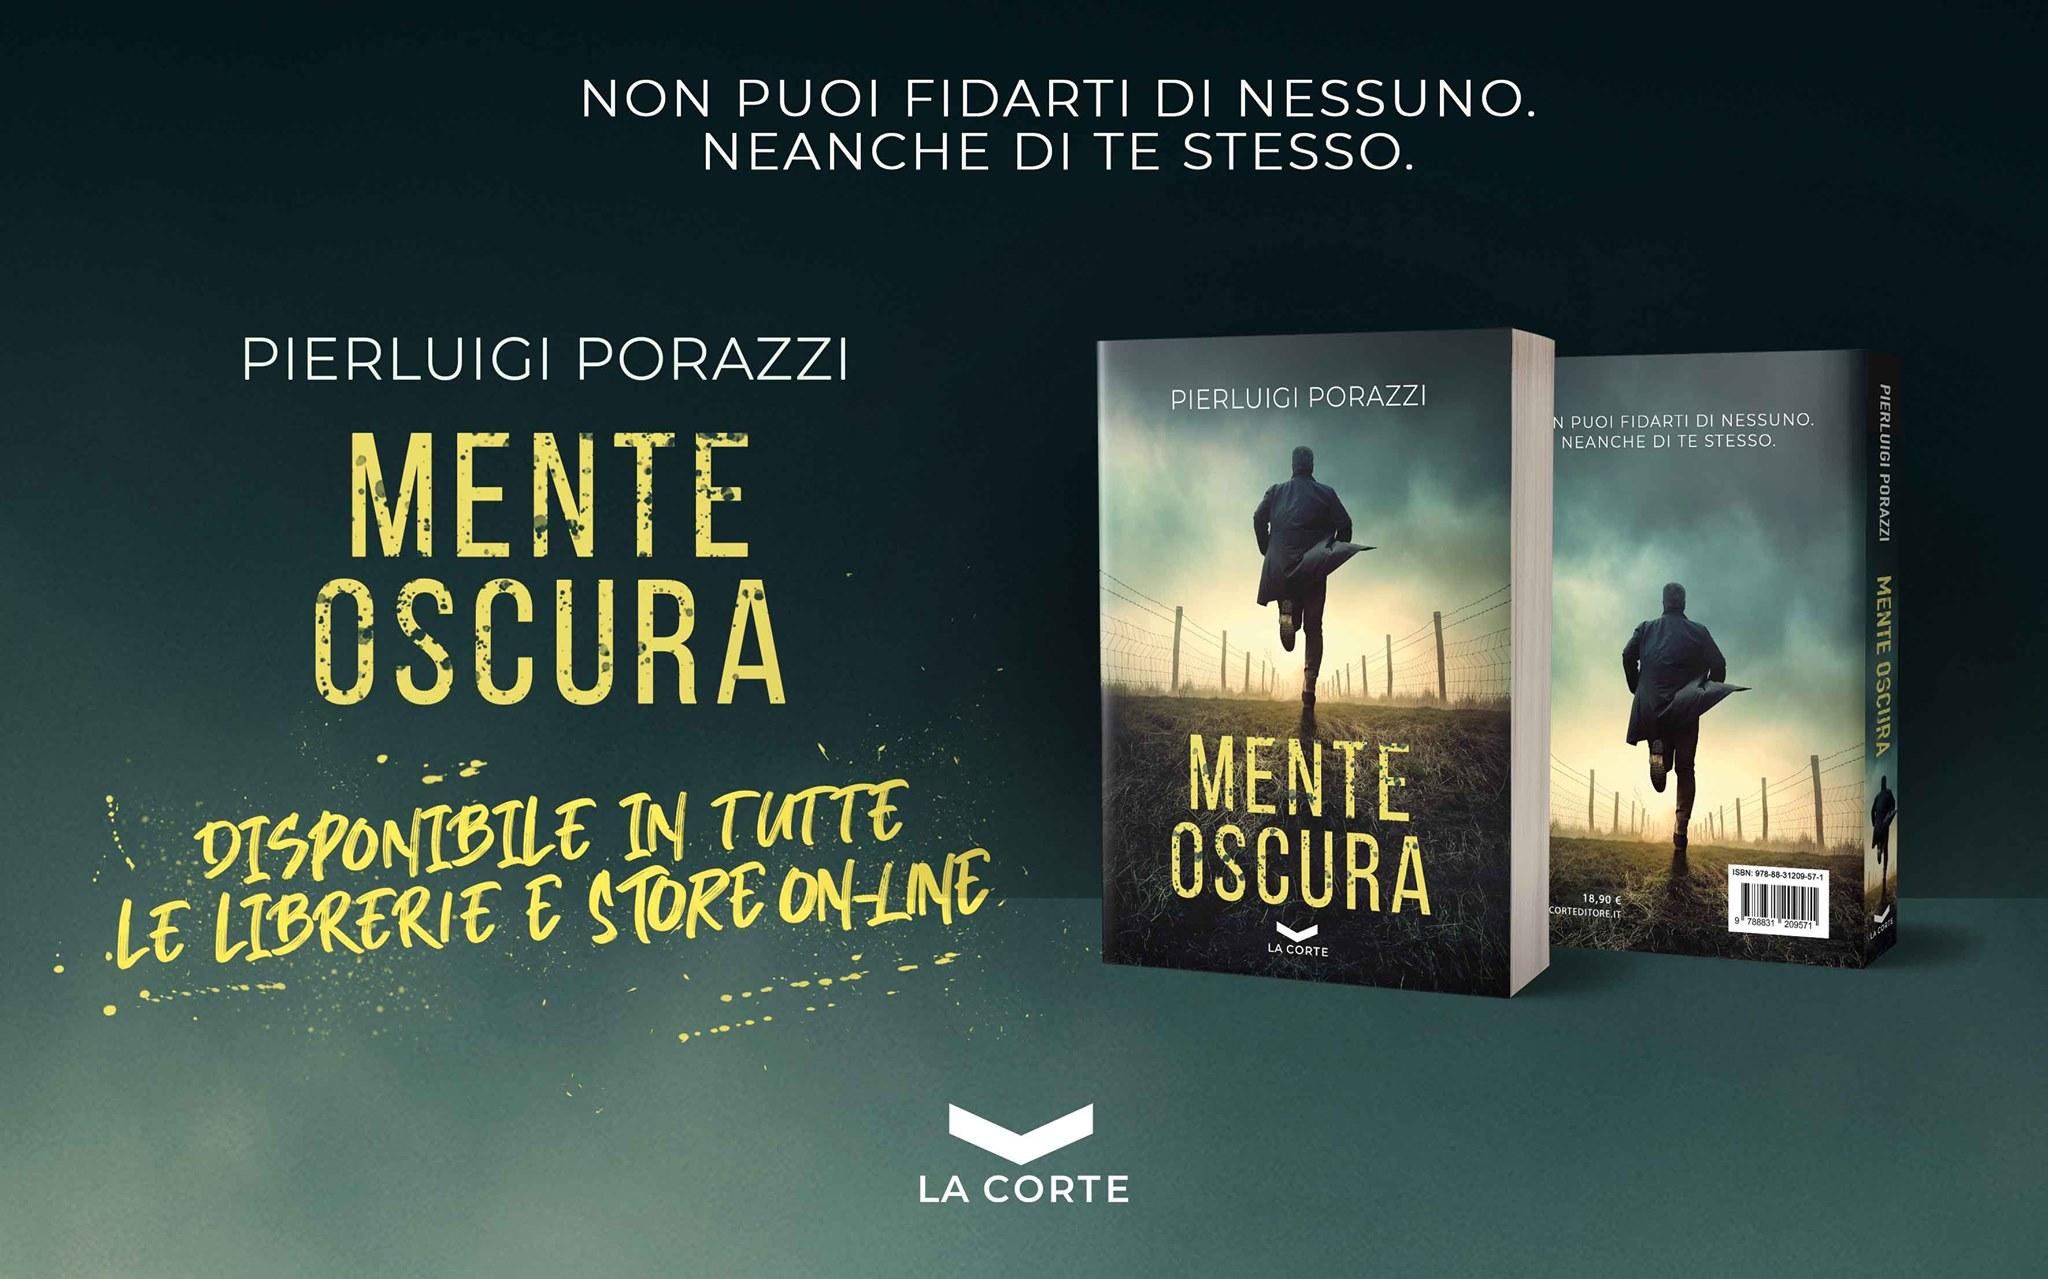 Mente oscura, la recensione di Giacomo Brunoro del nuovo thriller di Pierluigi Porazzi pubblicato da La Corte editore.